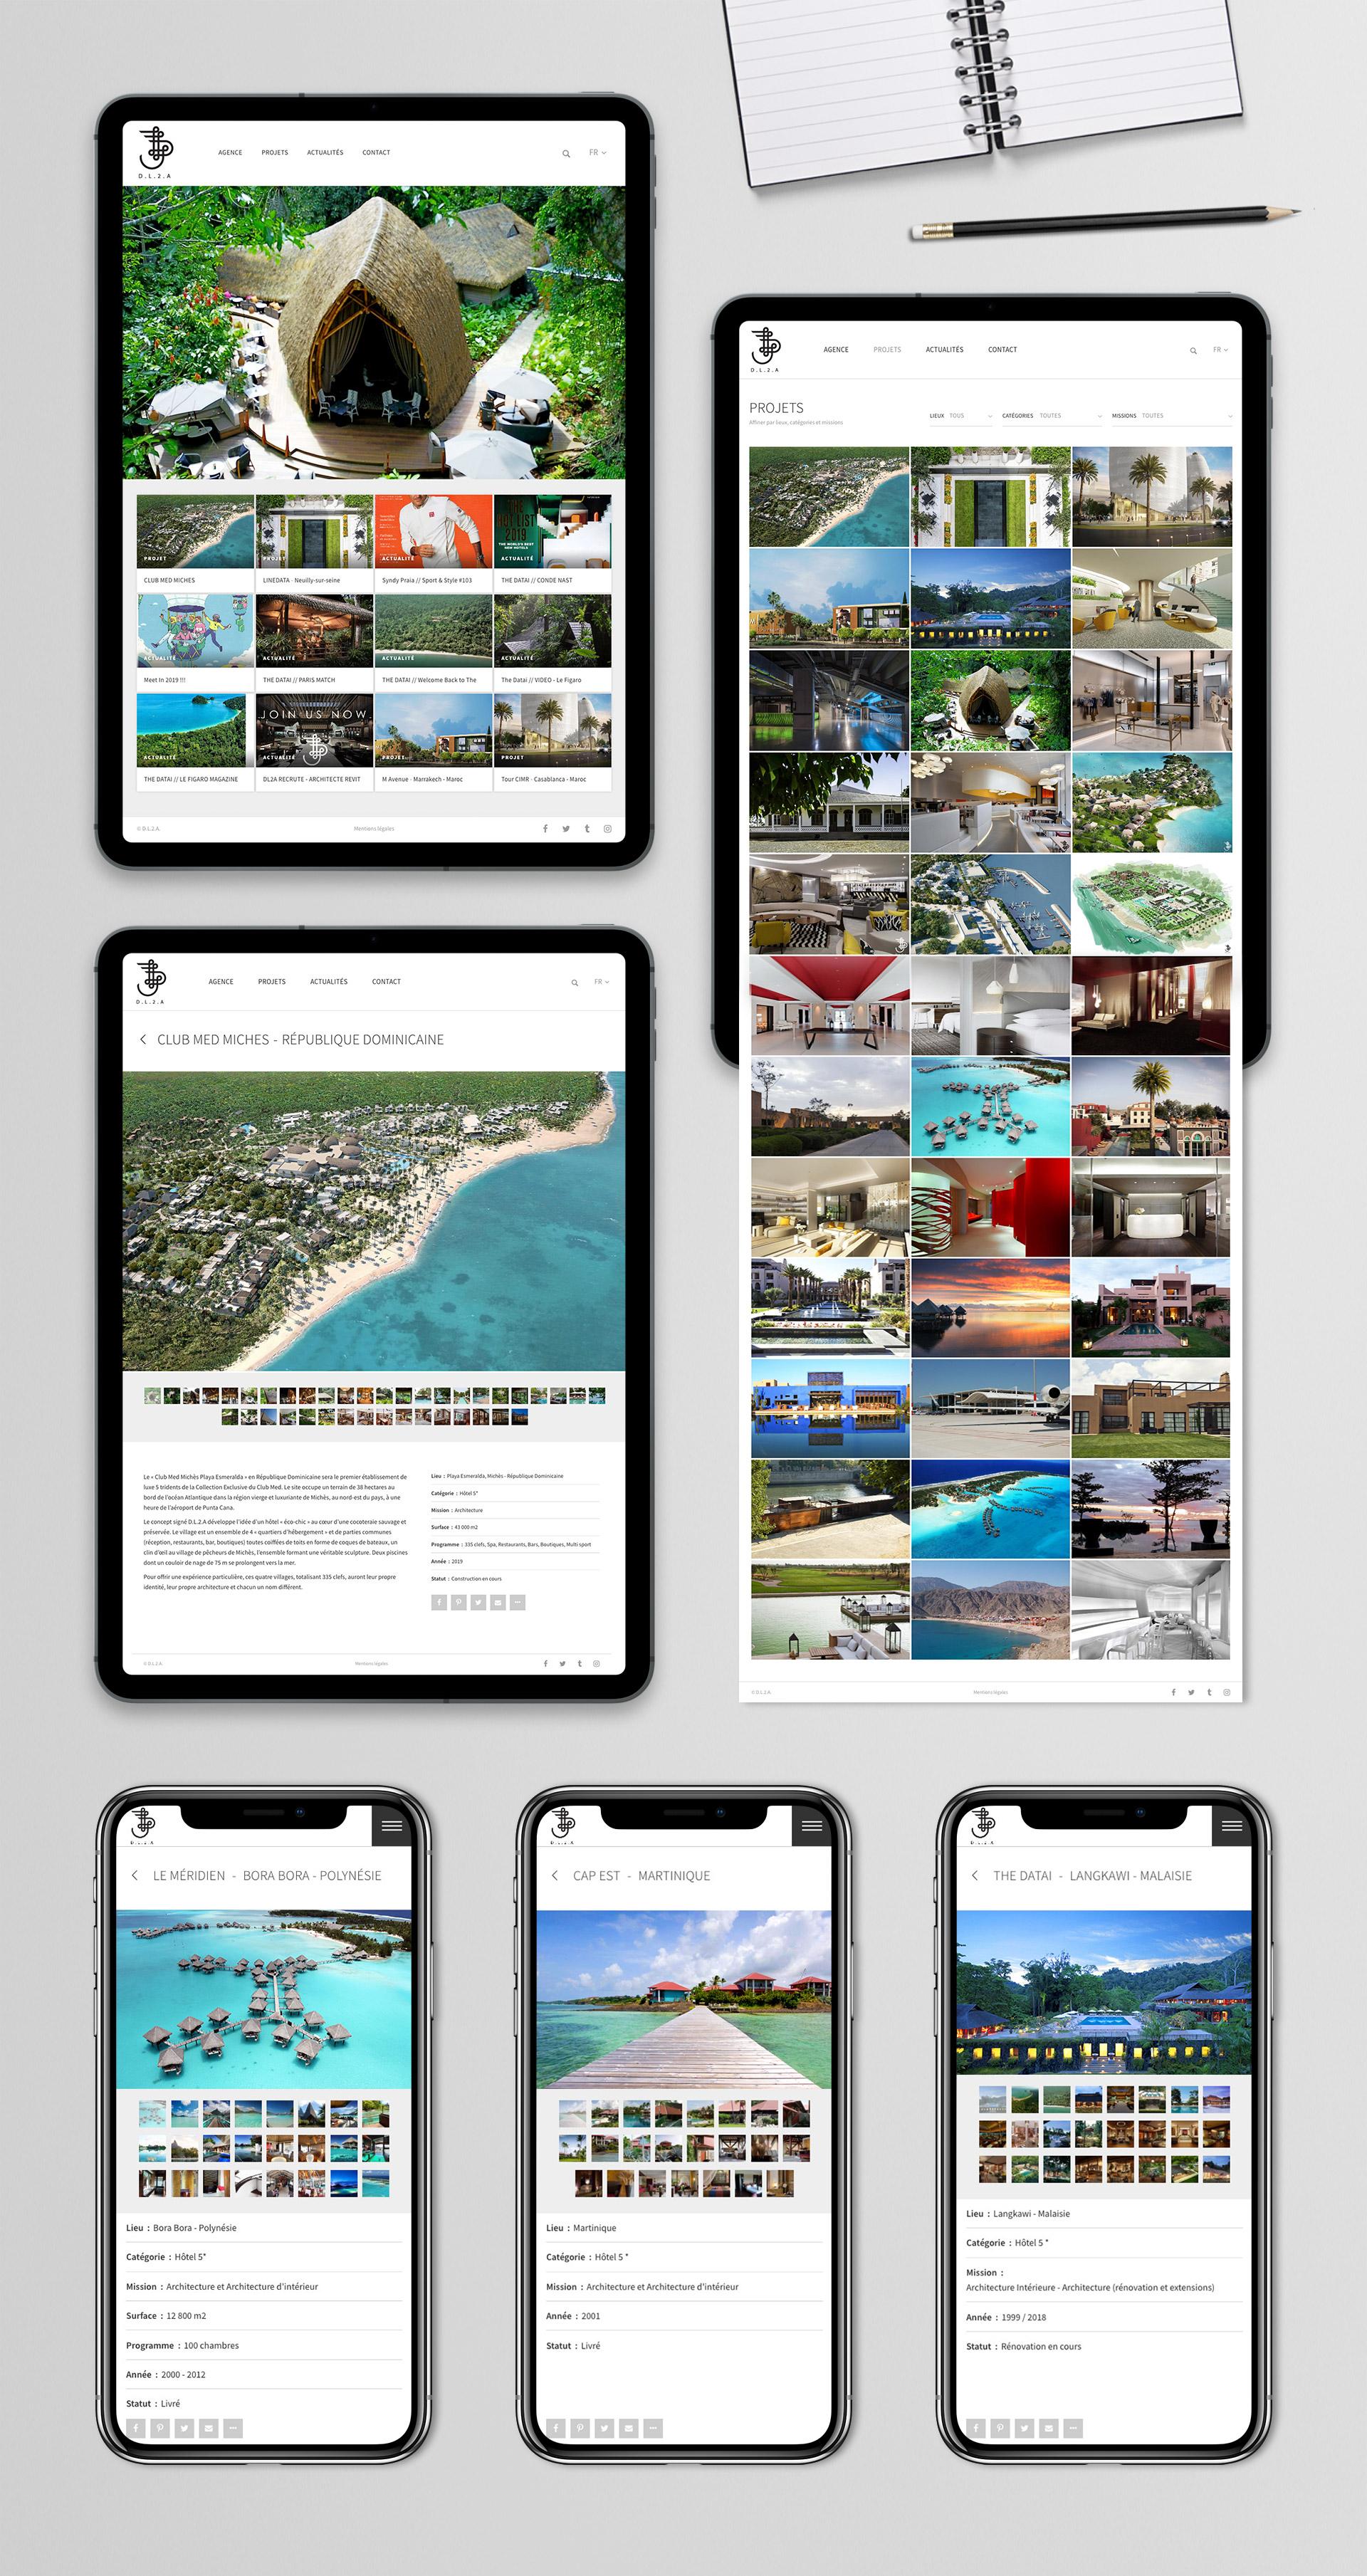 Création site web responsive design mobile tablette architecte architecture intérieure